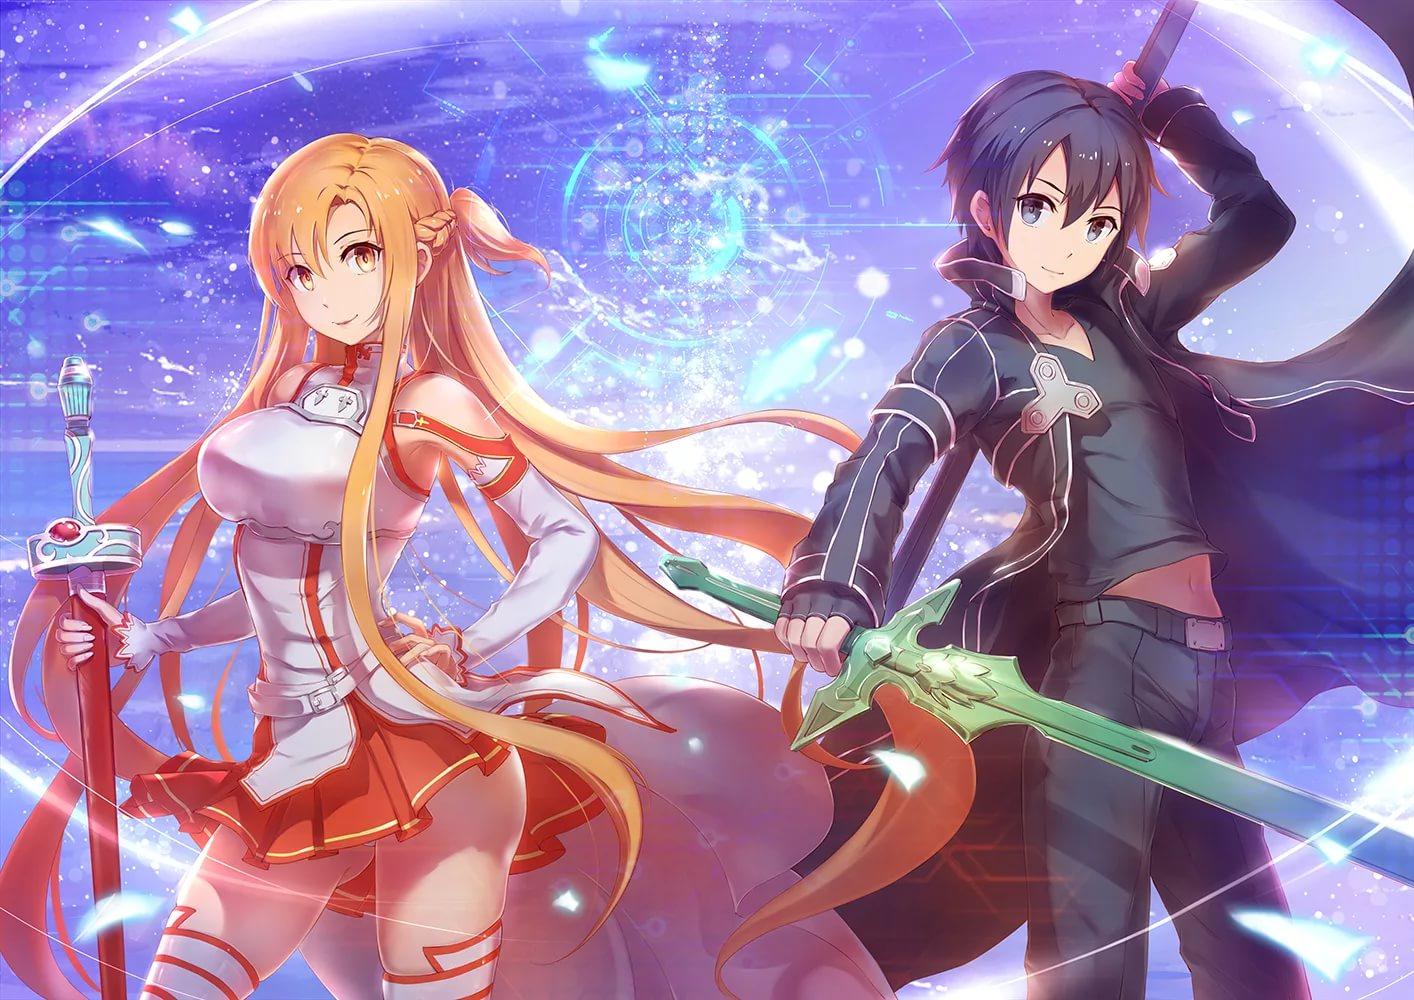 Арты мастера меча онлайн Асуна и Кирито 9